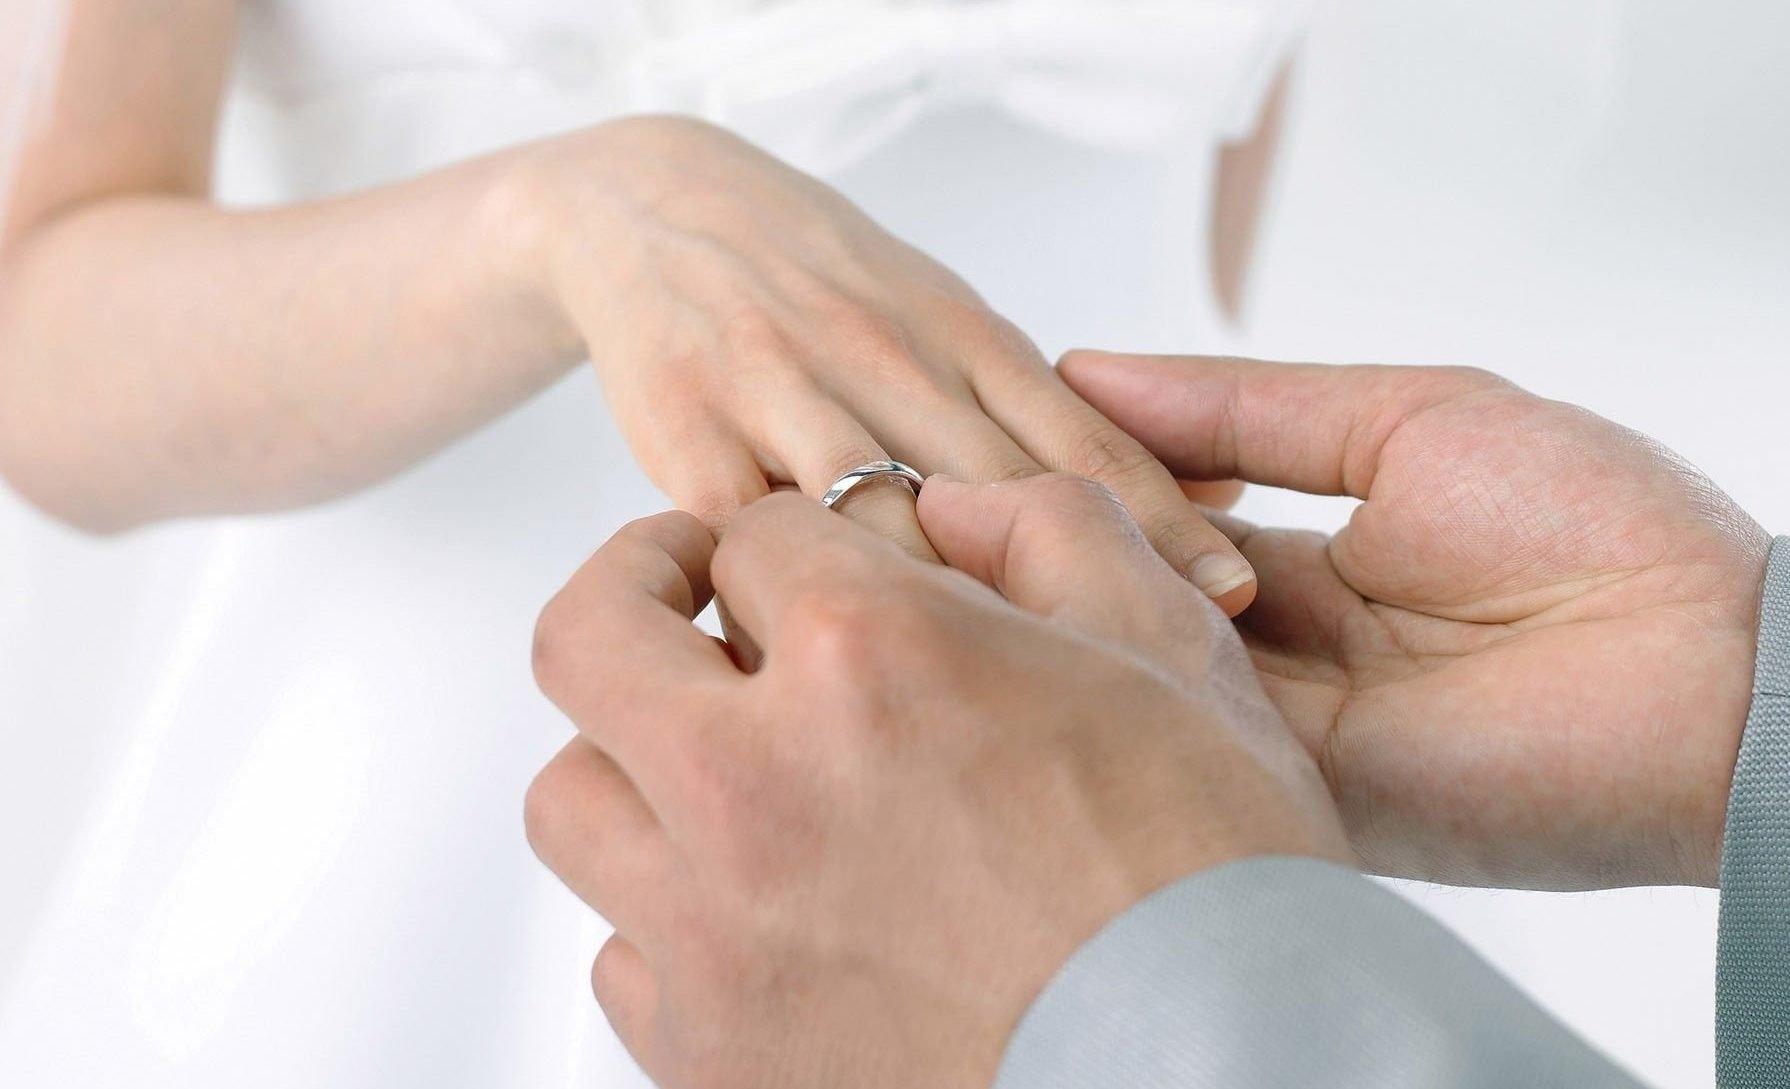 Обручальное кольцо на руке женщины